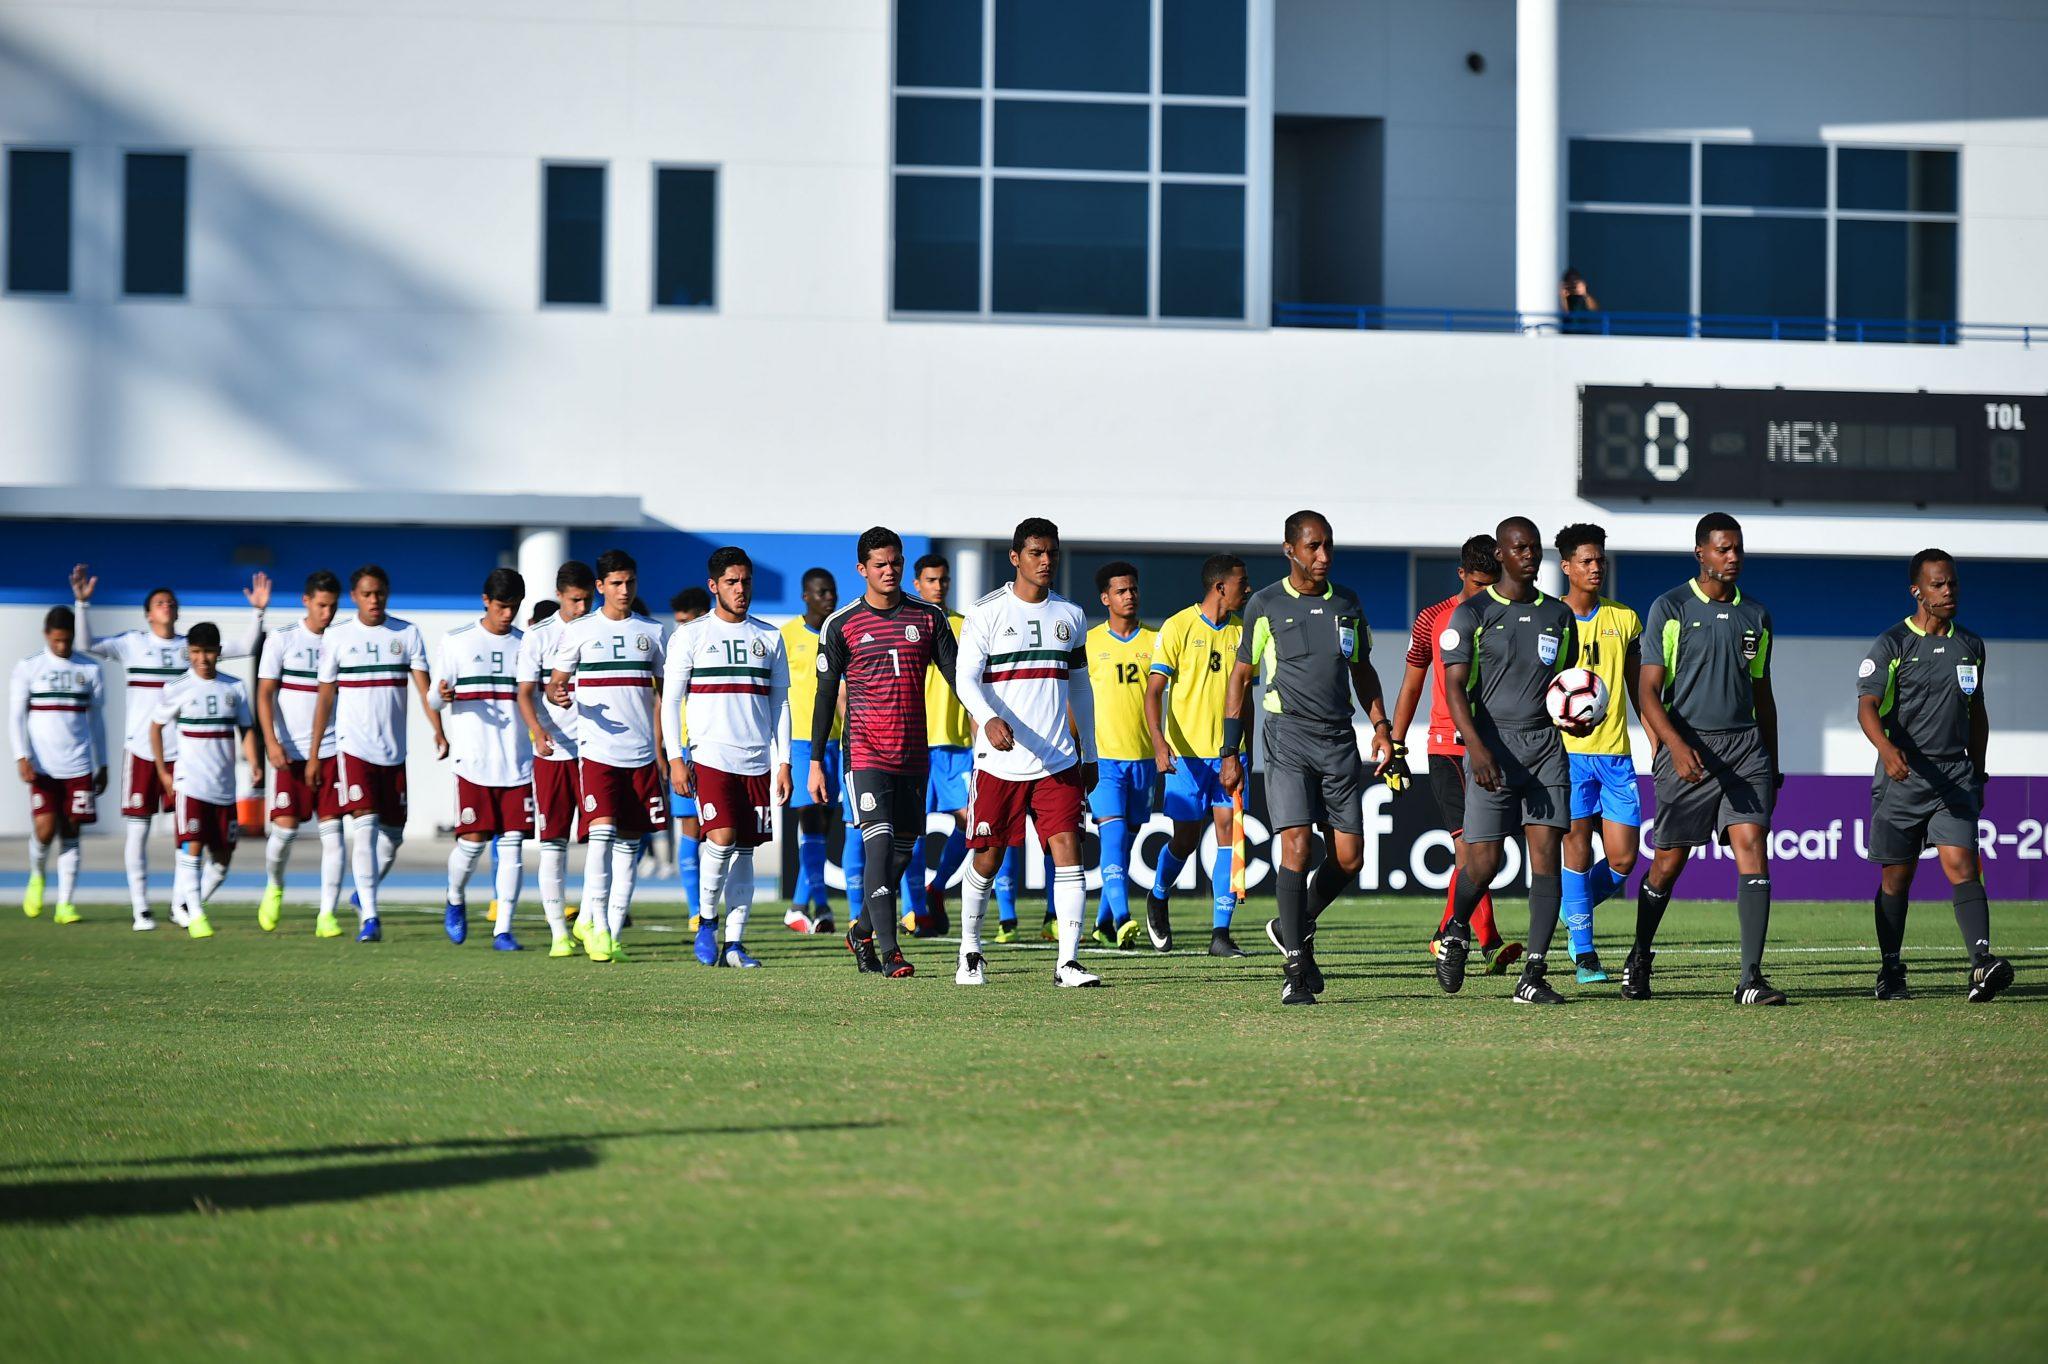 Campeonato Sub-20 de la CONCACAF 2018  Jornada 5 Sábado 10 de noviembre de  2018 México 10-0 Aruba IMG Academy Bradenton 43bbfaba866c5